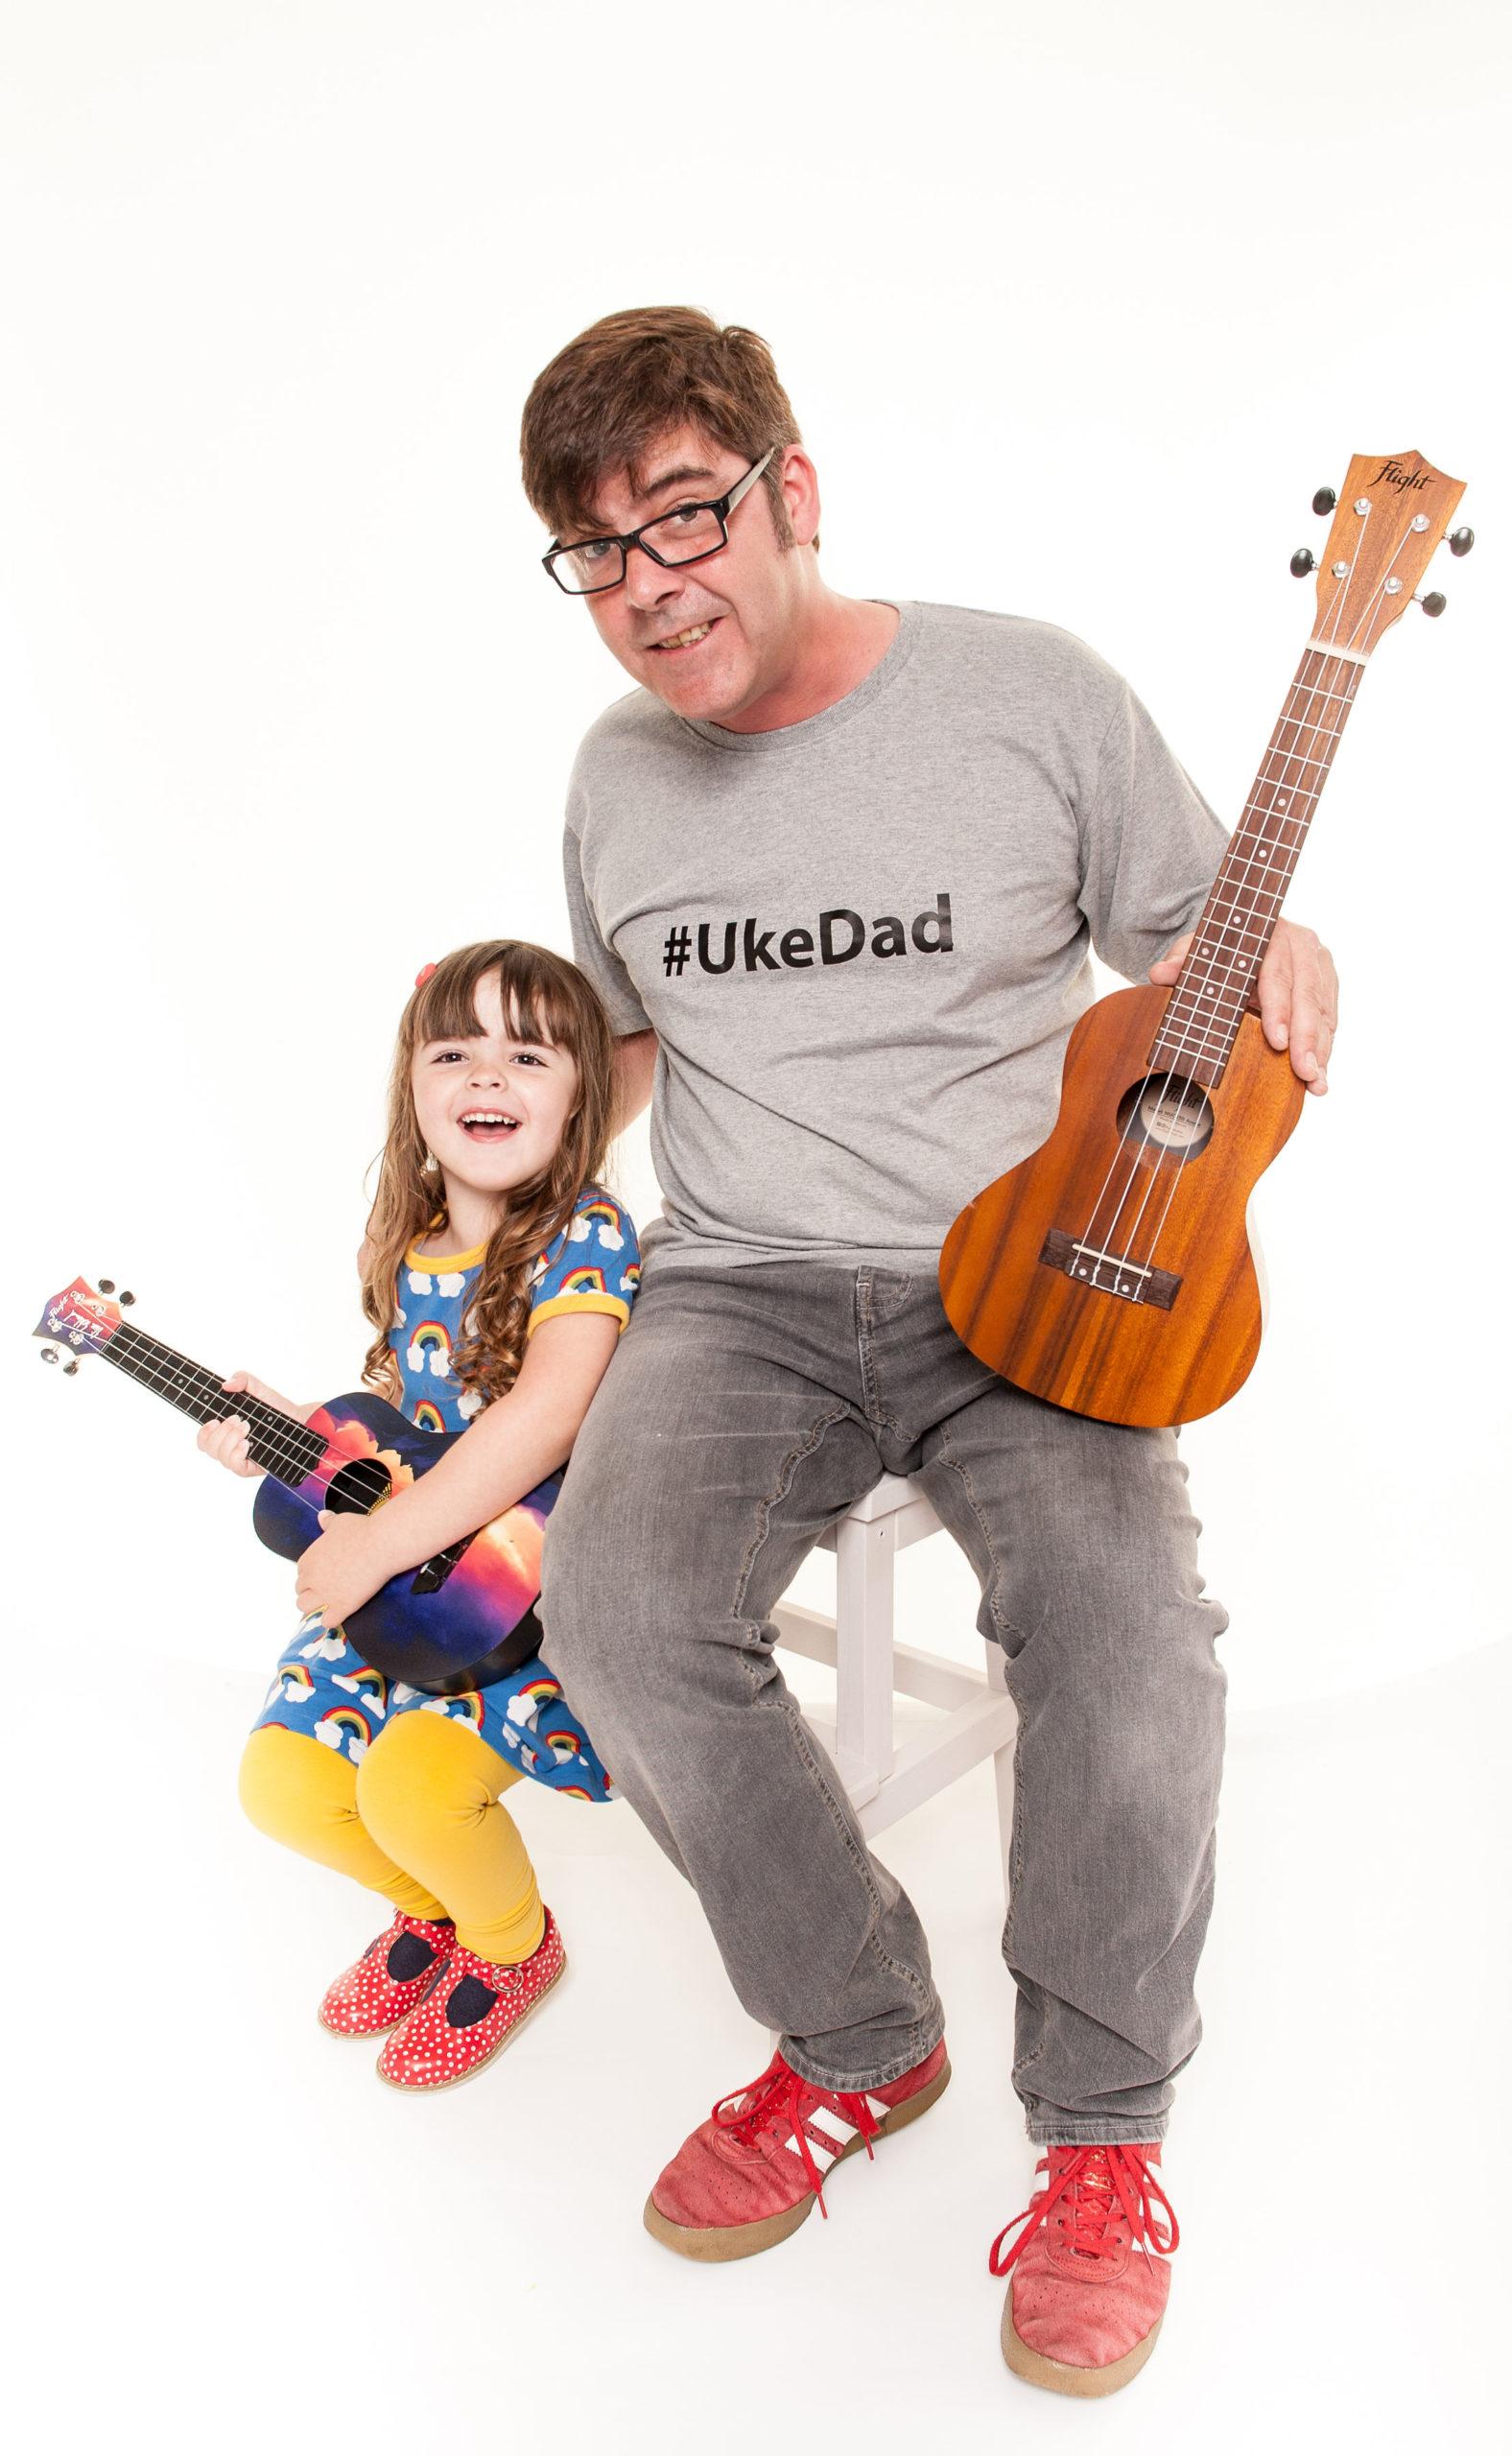 Uke Dad, UK